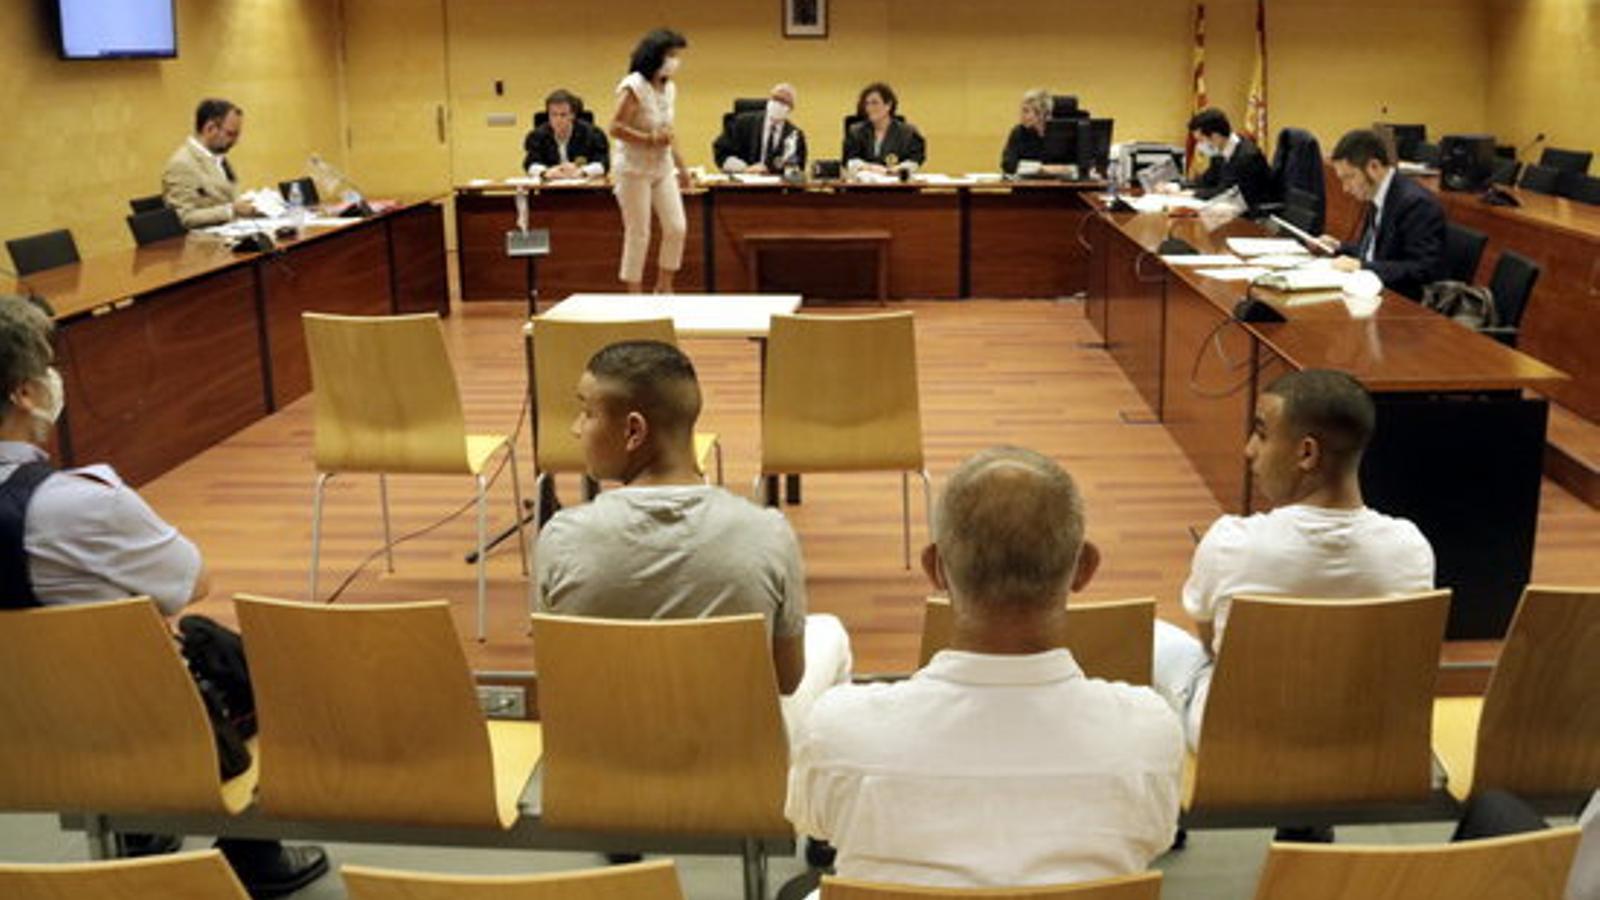 Els dos joves acusats, d'esquenes, abans de començar el primer judici pels aldarulls en les protestes després de la sentència del Procés a l'Audiència de Girona / MARINA LÓPEZ (ACN)